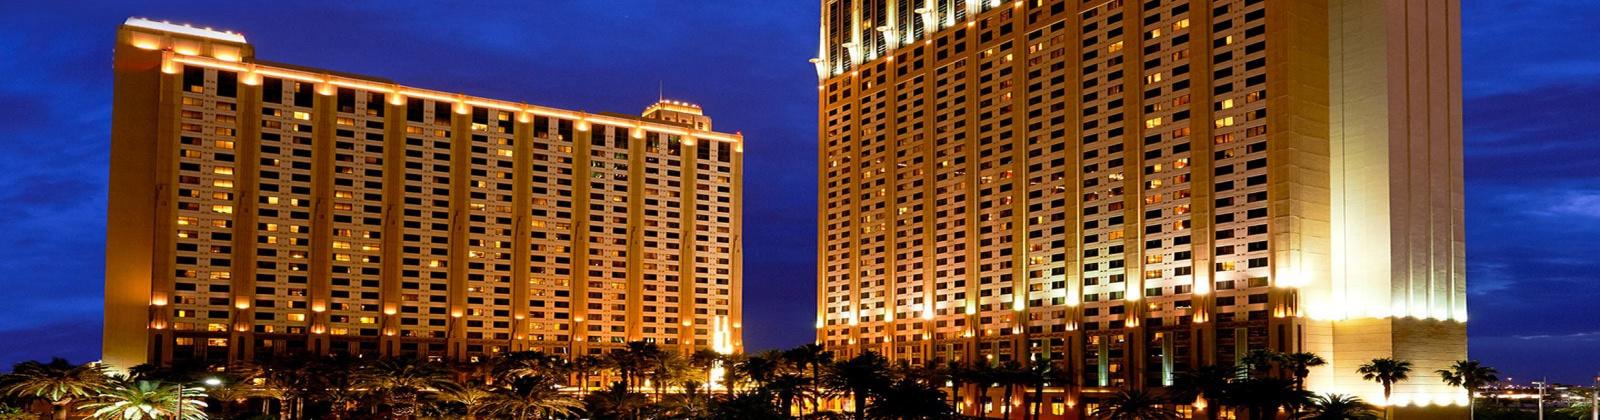 2650 Las Vegas Boulevard South, Las Vegas, Nevada 89109, 3 Bedrooms Bedrooms, ,Hilton,For Sale,2650 Las Vegas Boulevard South,1002